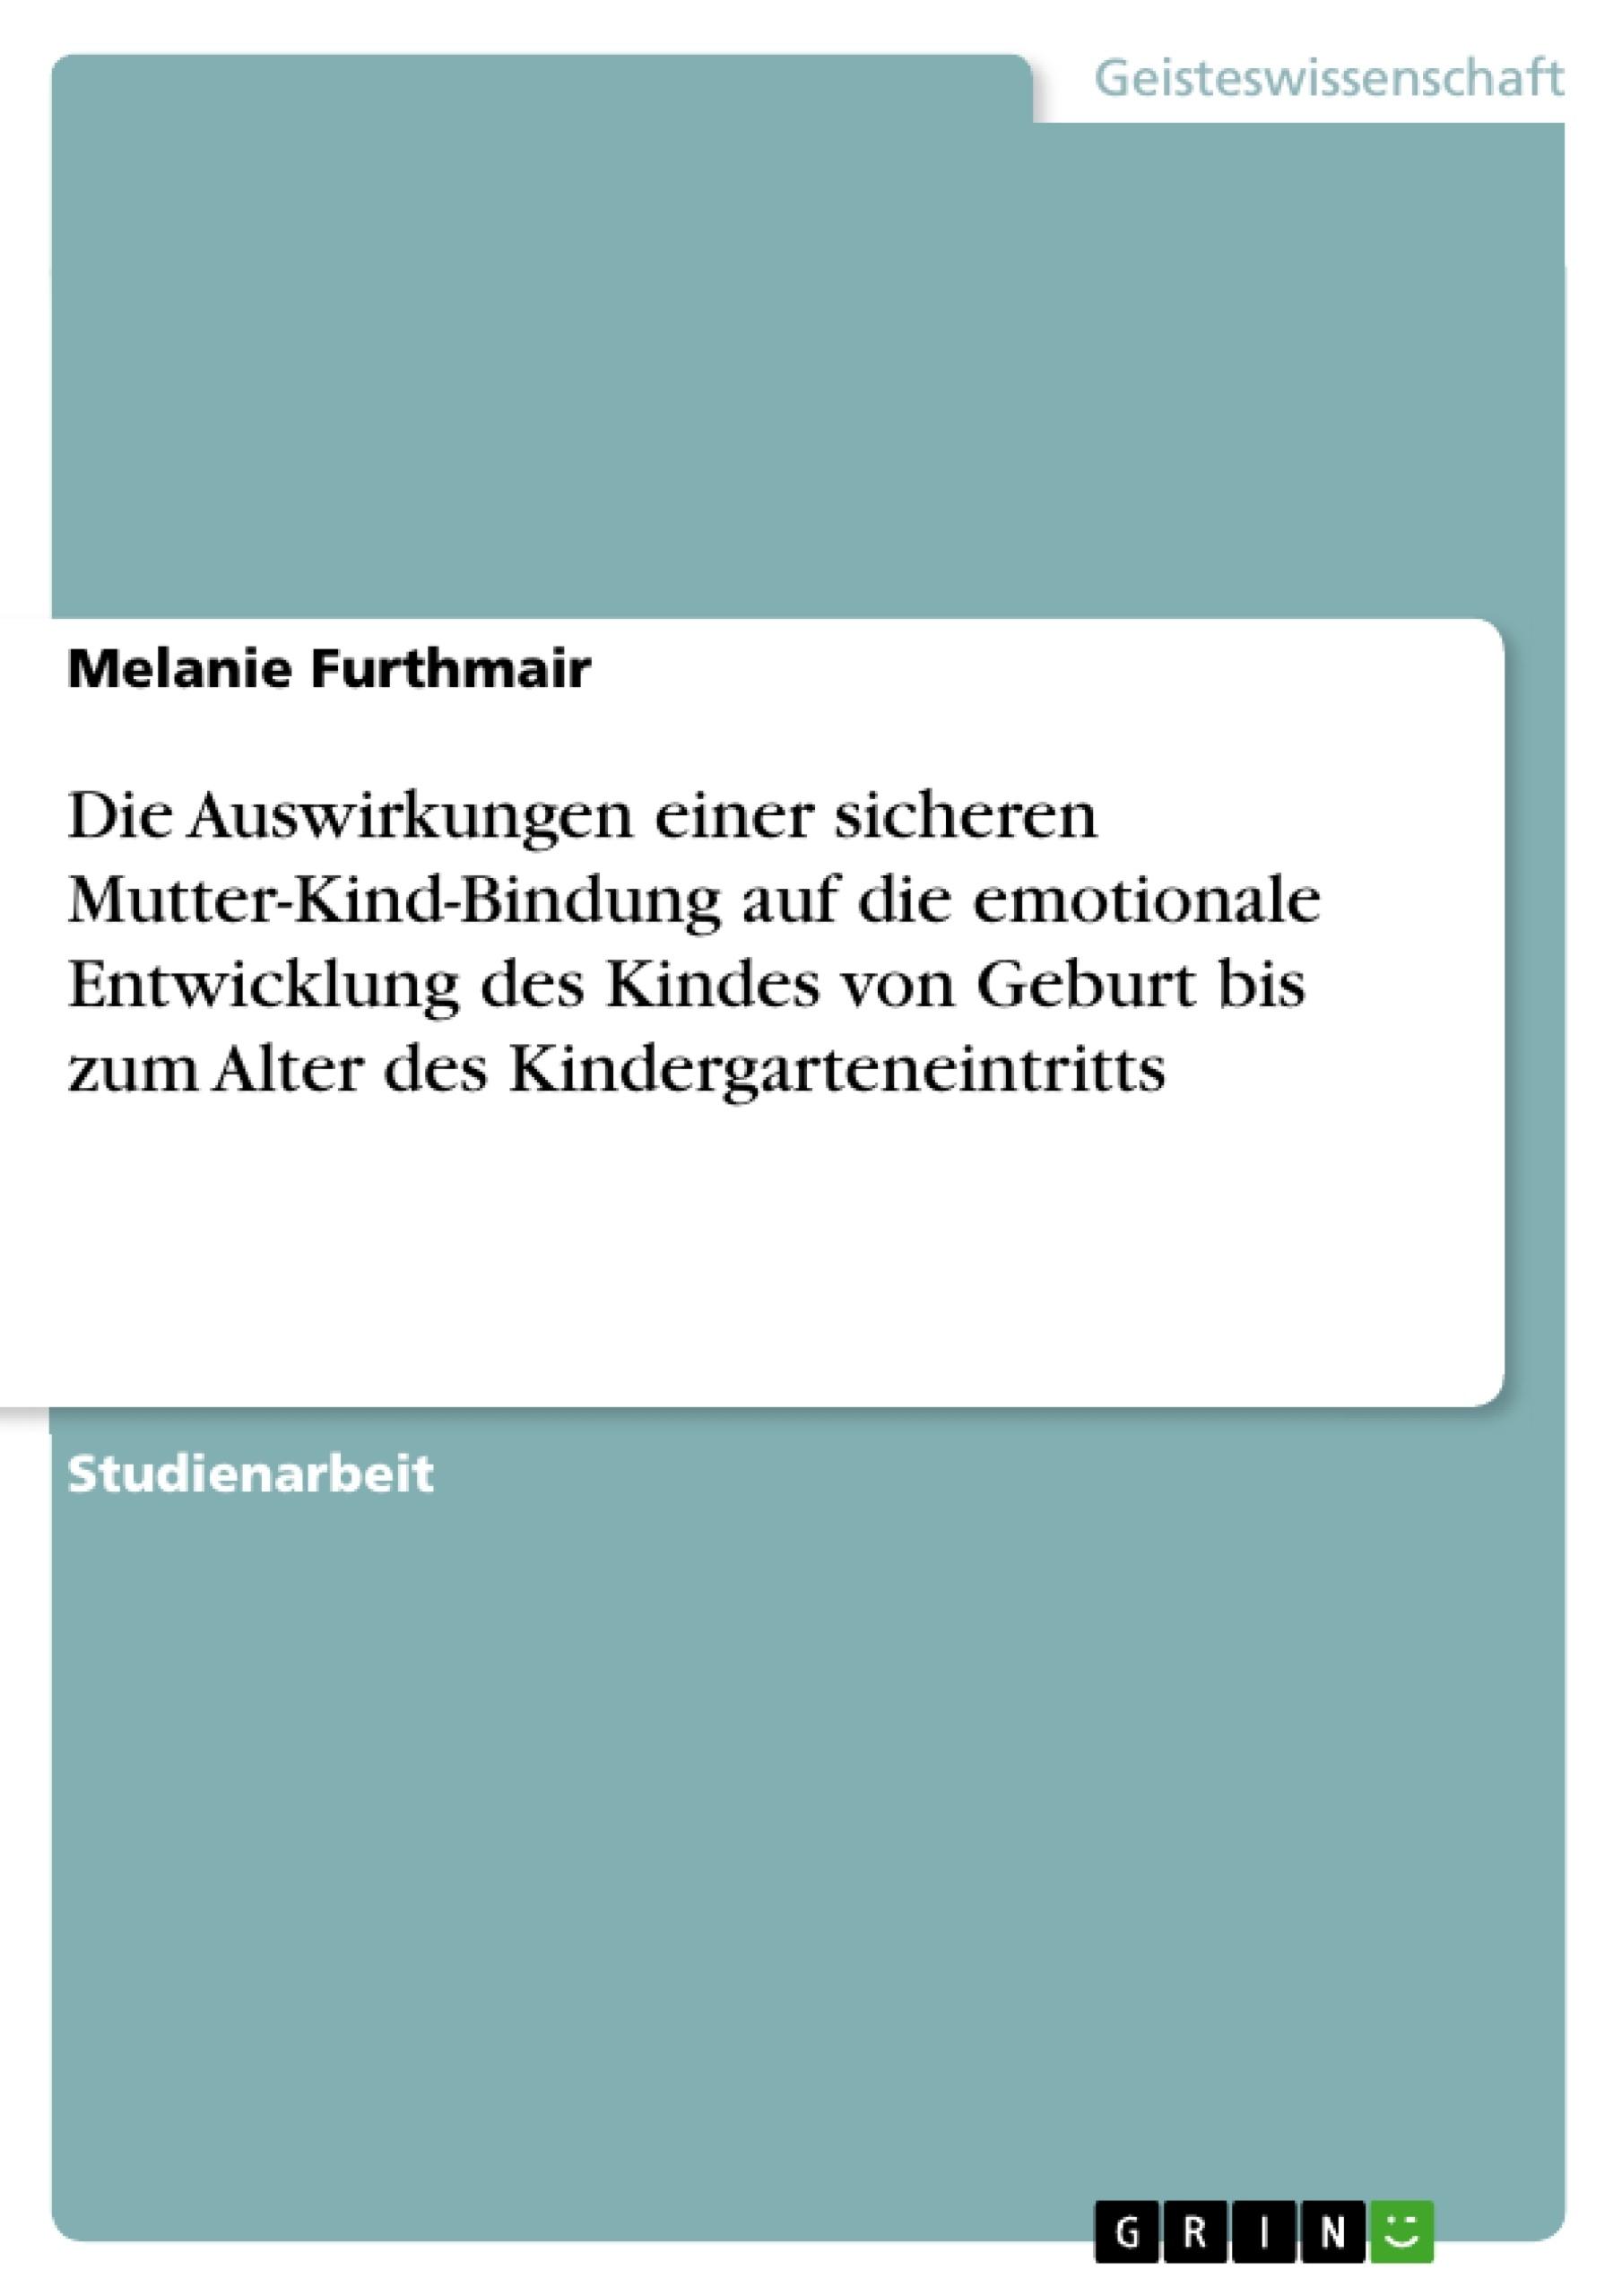 Titel: Die Auswirkungen einer sicheren Mutter-Kind-Bindung auf die emotionale Entwicklung des Kindes von Geburt bis zum Alter des Kindergarteneintritts